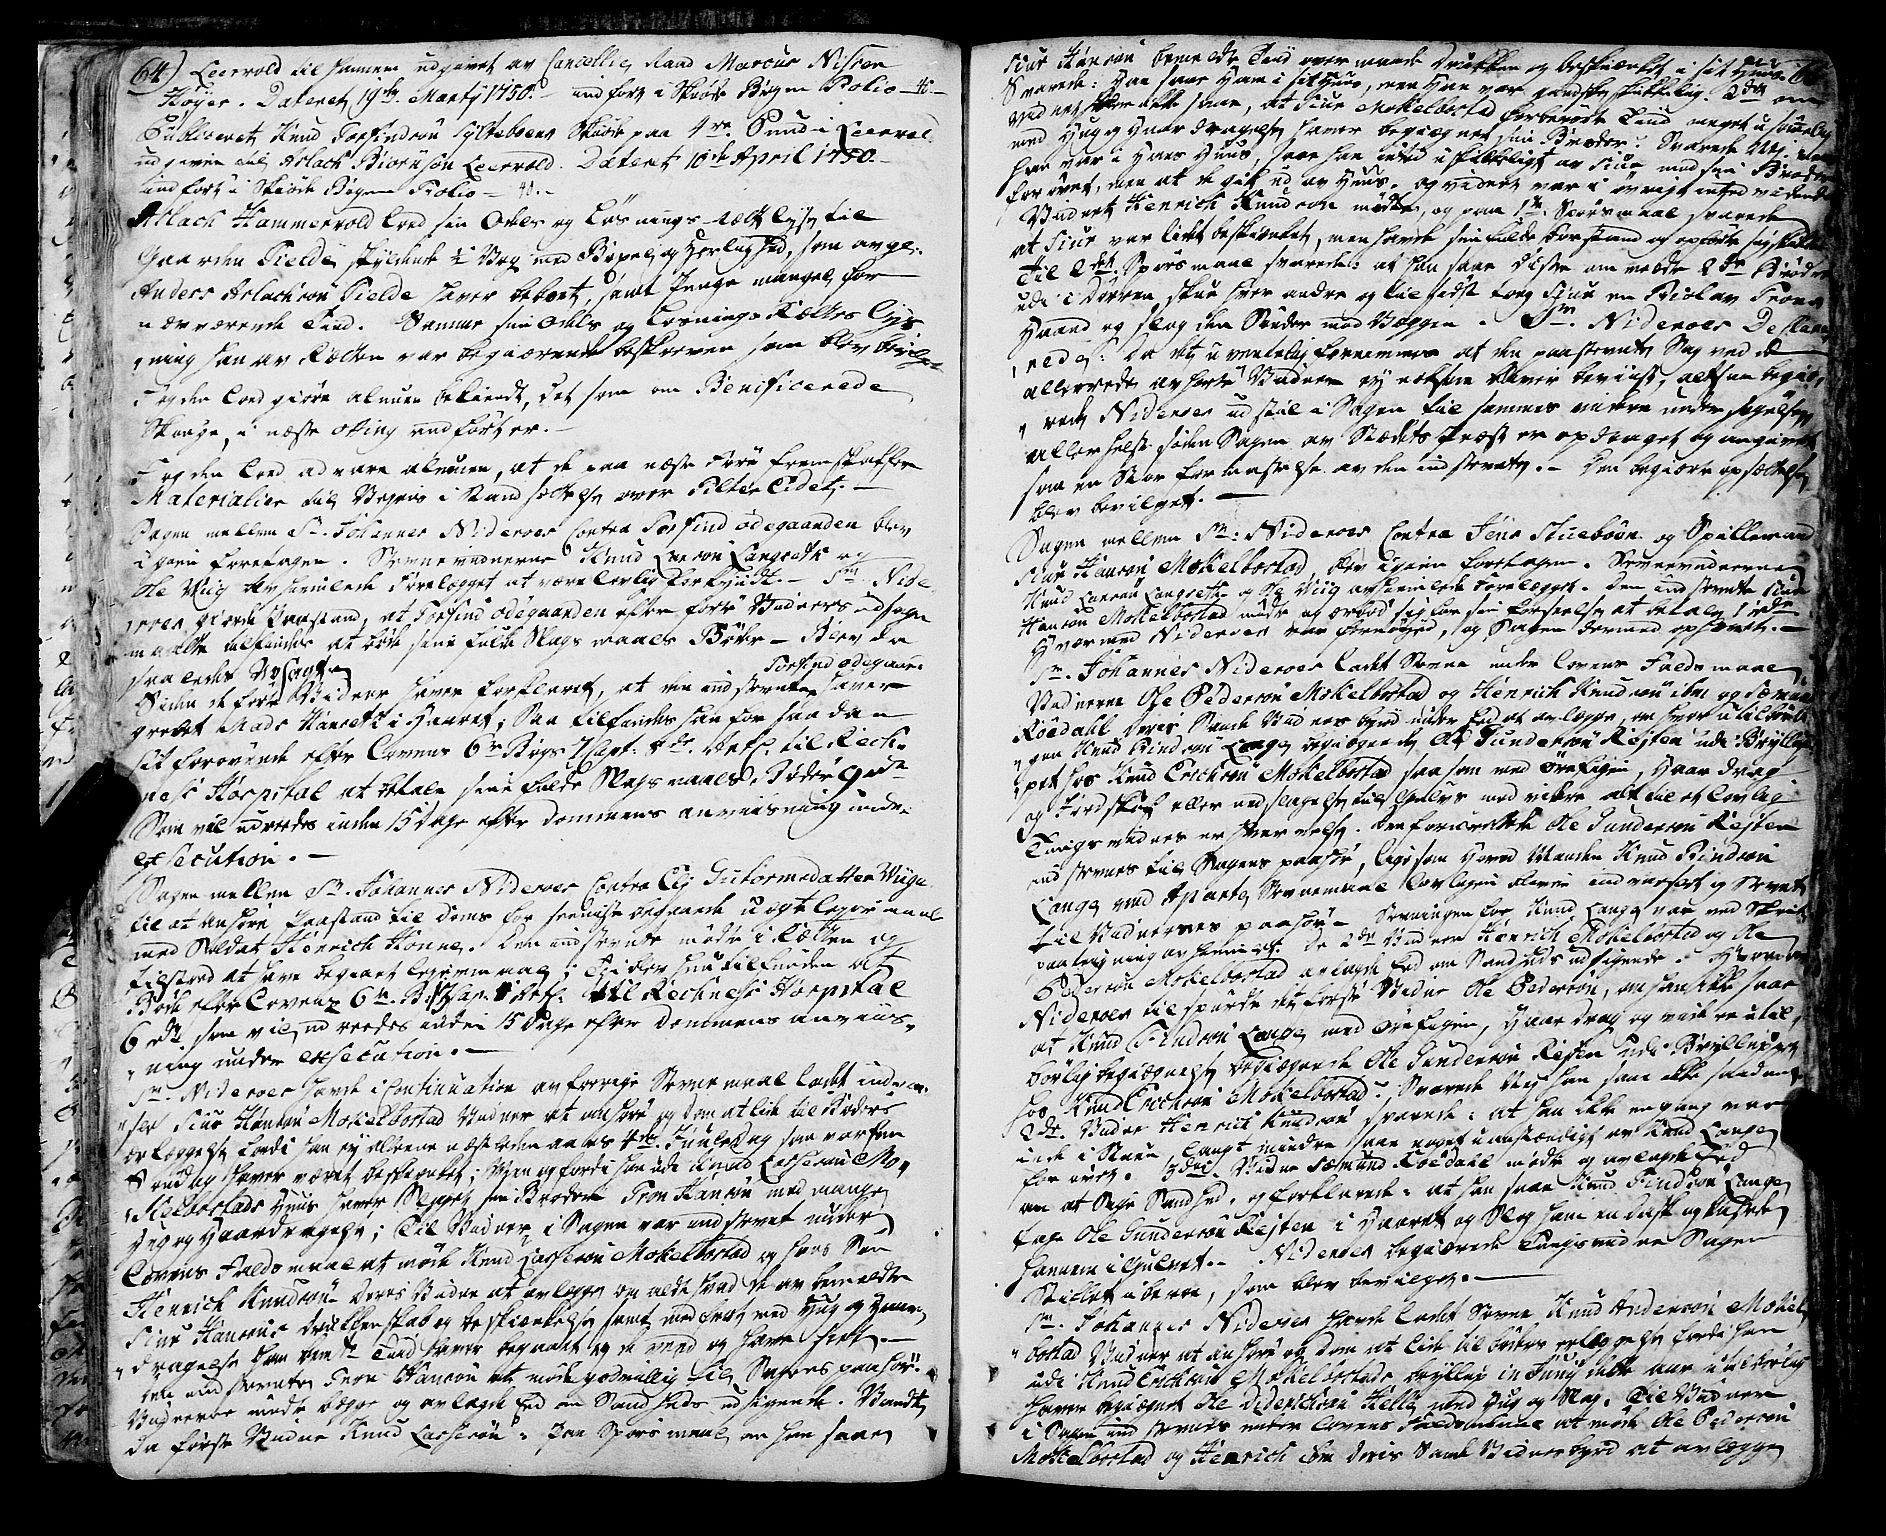 SAT, Romsdal sorenskriveri, 1/1A/L0013: Tingbok, 1749-1757, p. 64-65